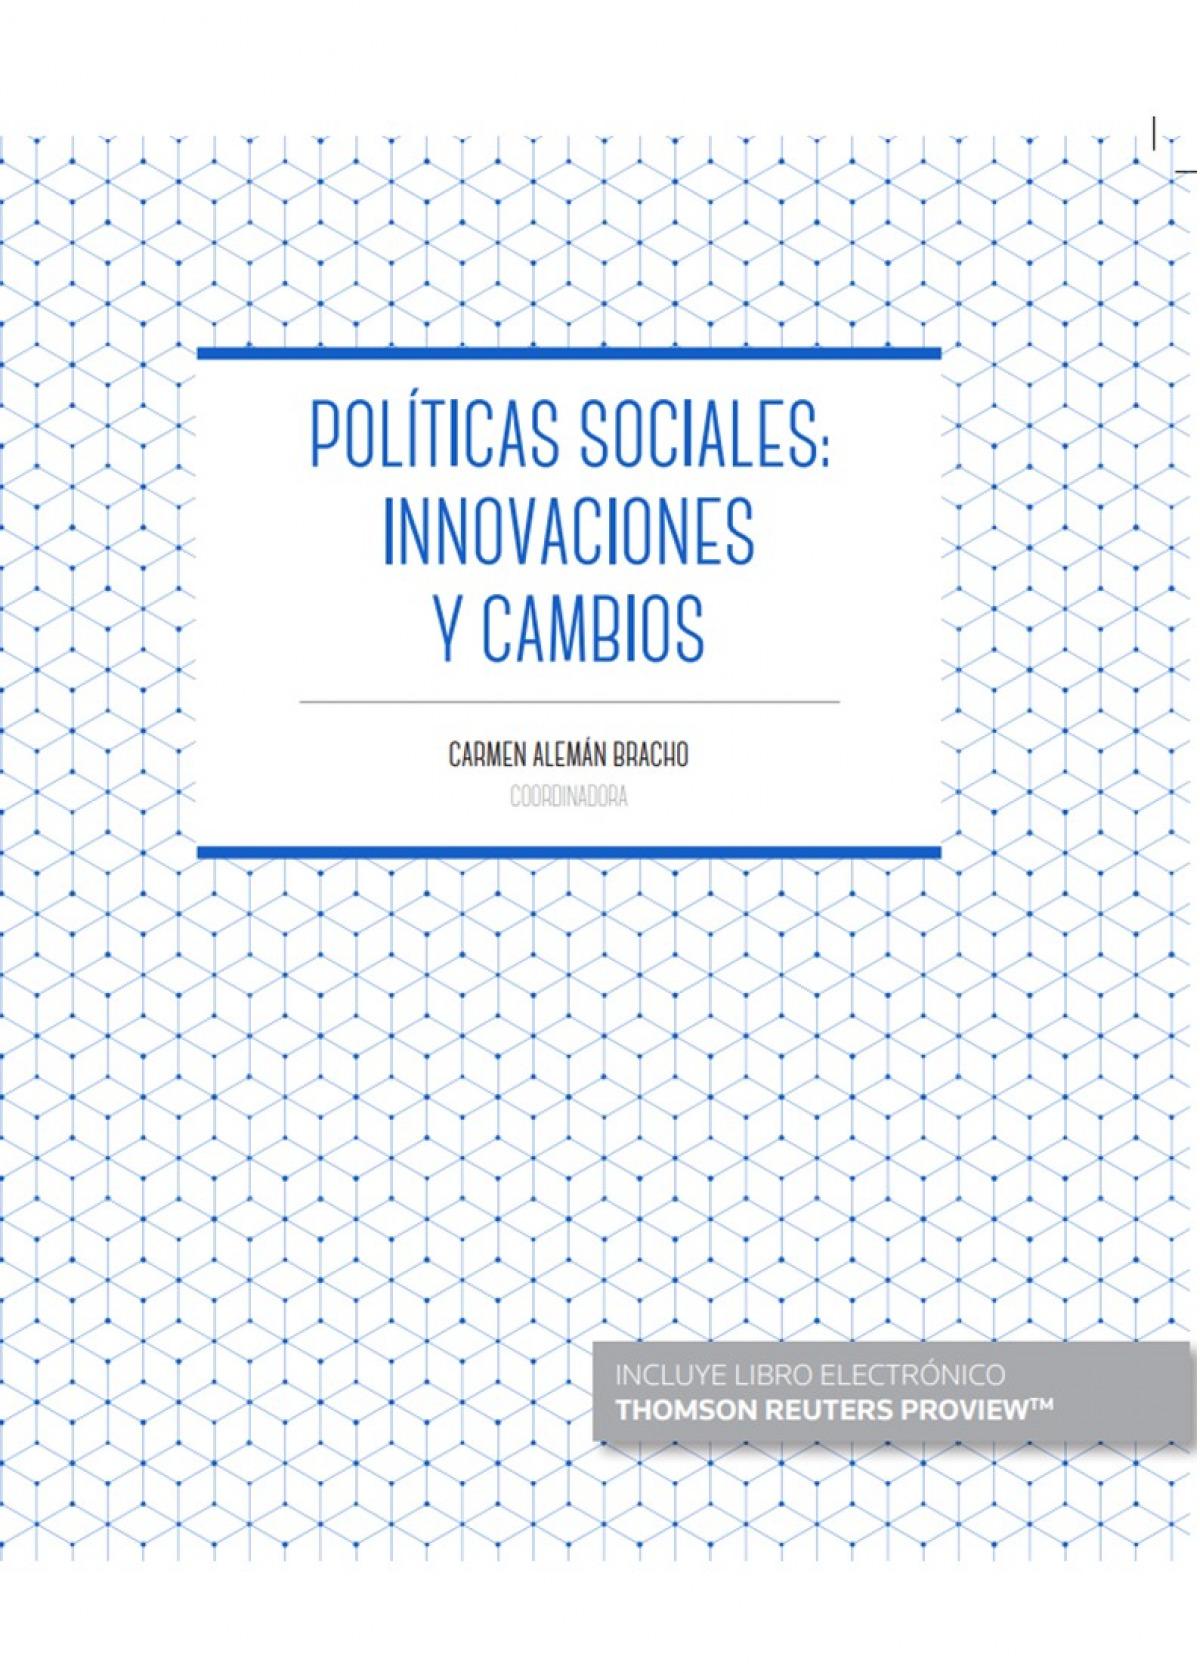 Pol¡ticas Sociales: innovaciones y cambios (Papel + e-book) 9788413453644